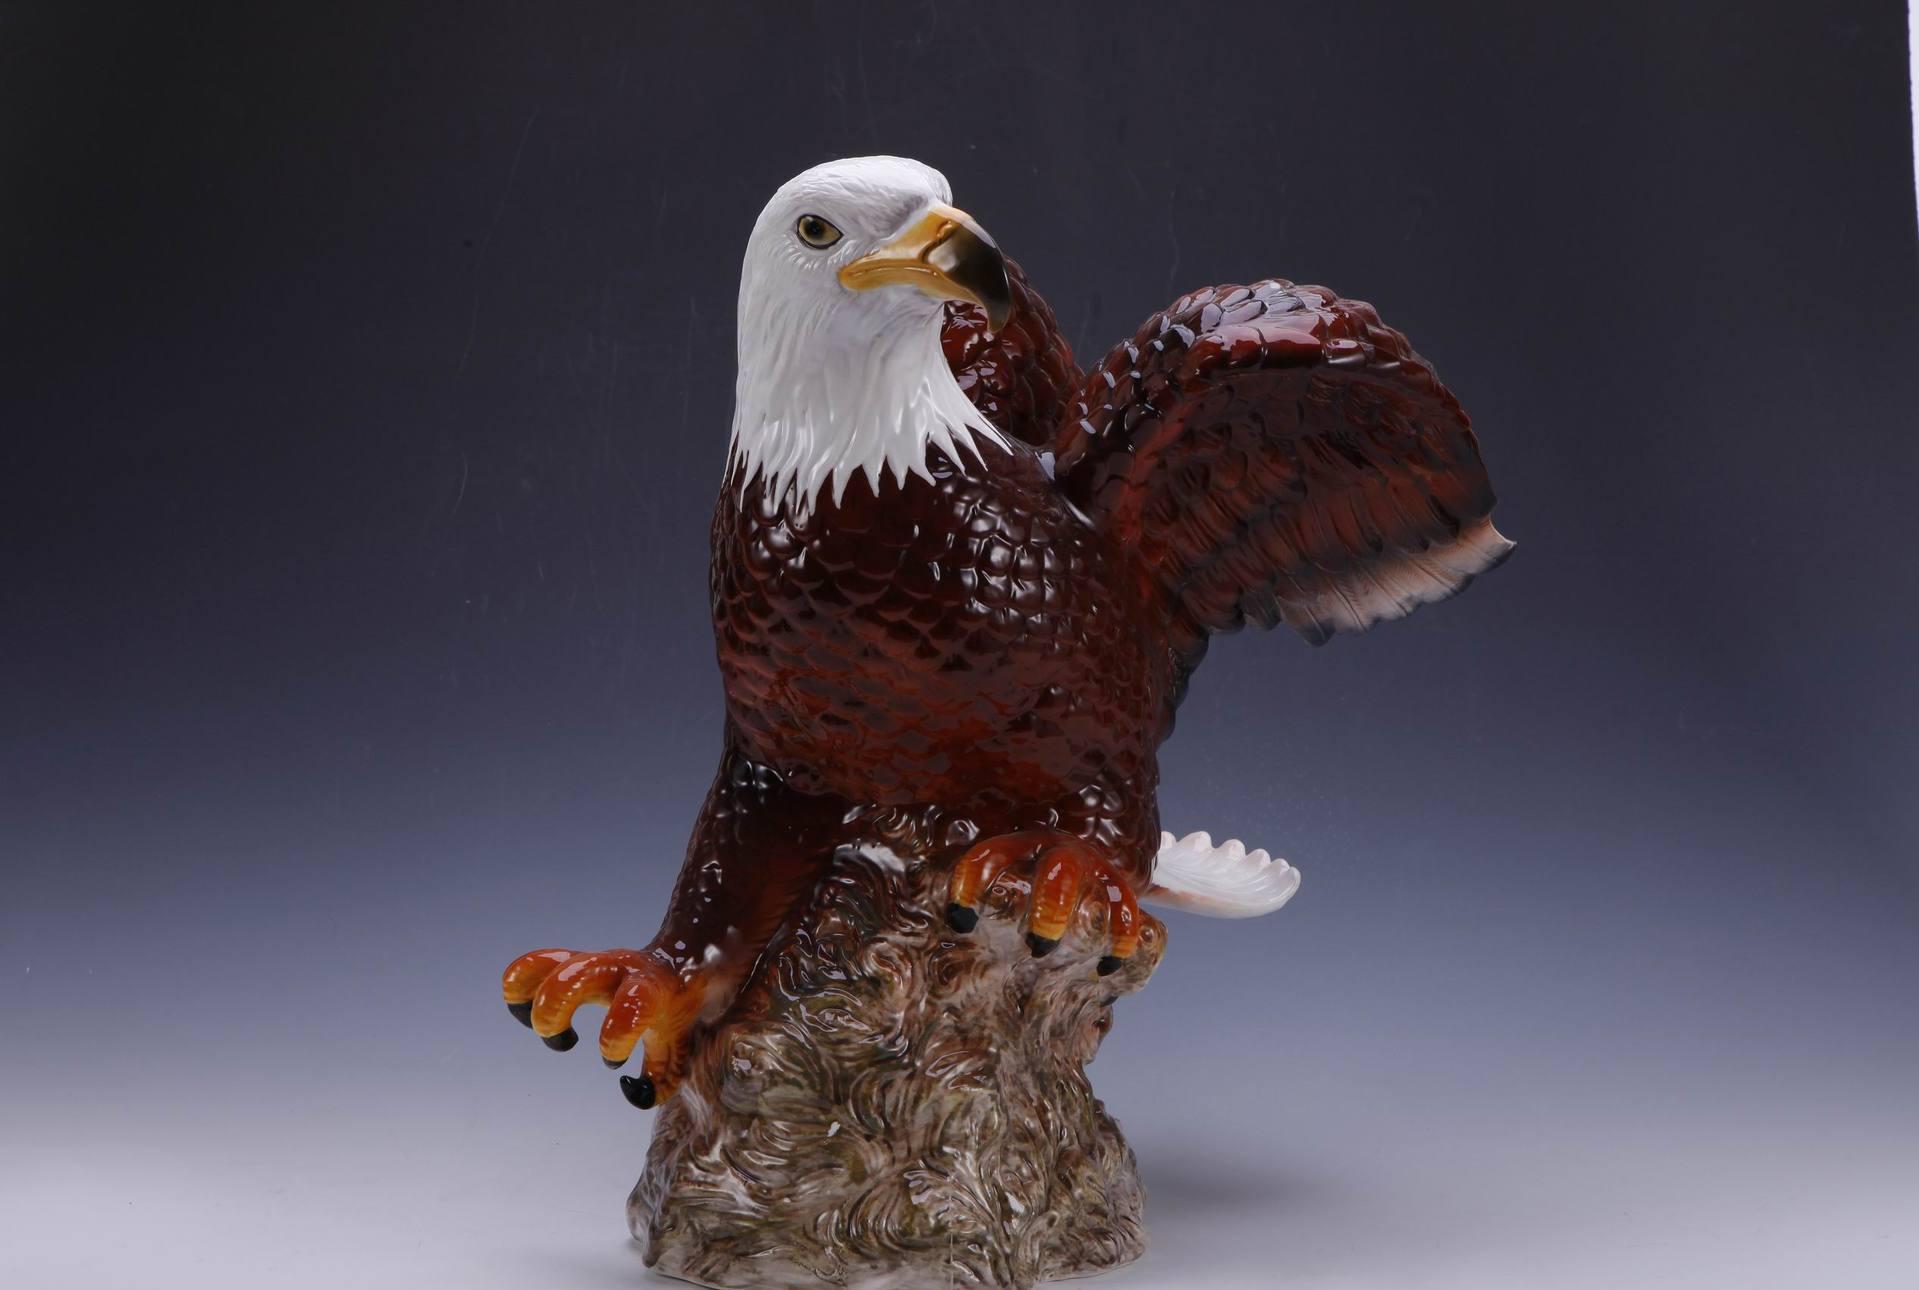 纯手工 造型:动物 产品编号:qct0007 工艺:彩绘 品牌:器成堂陶瓷 材质